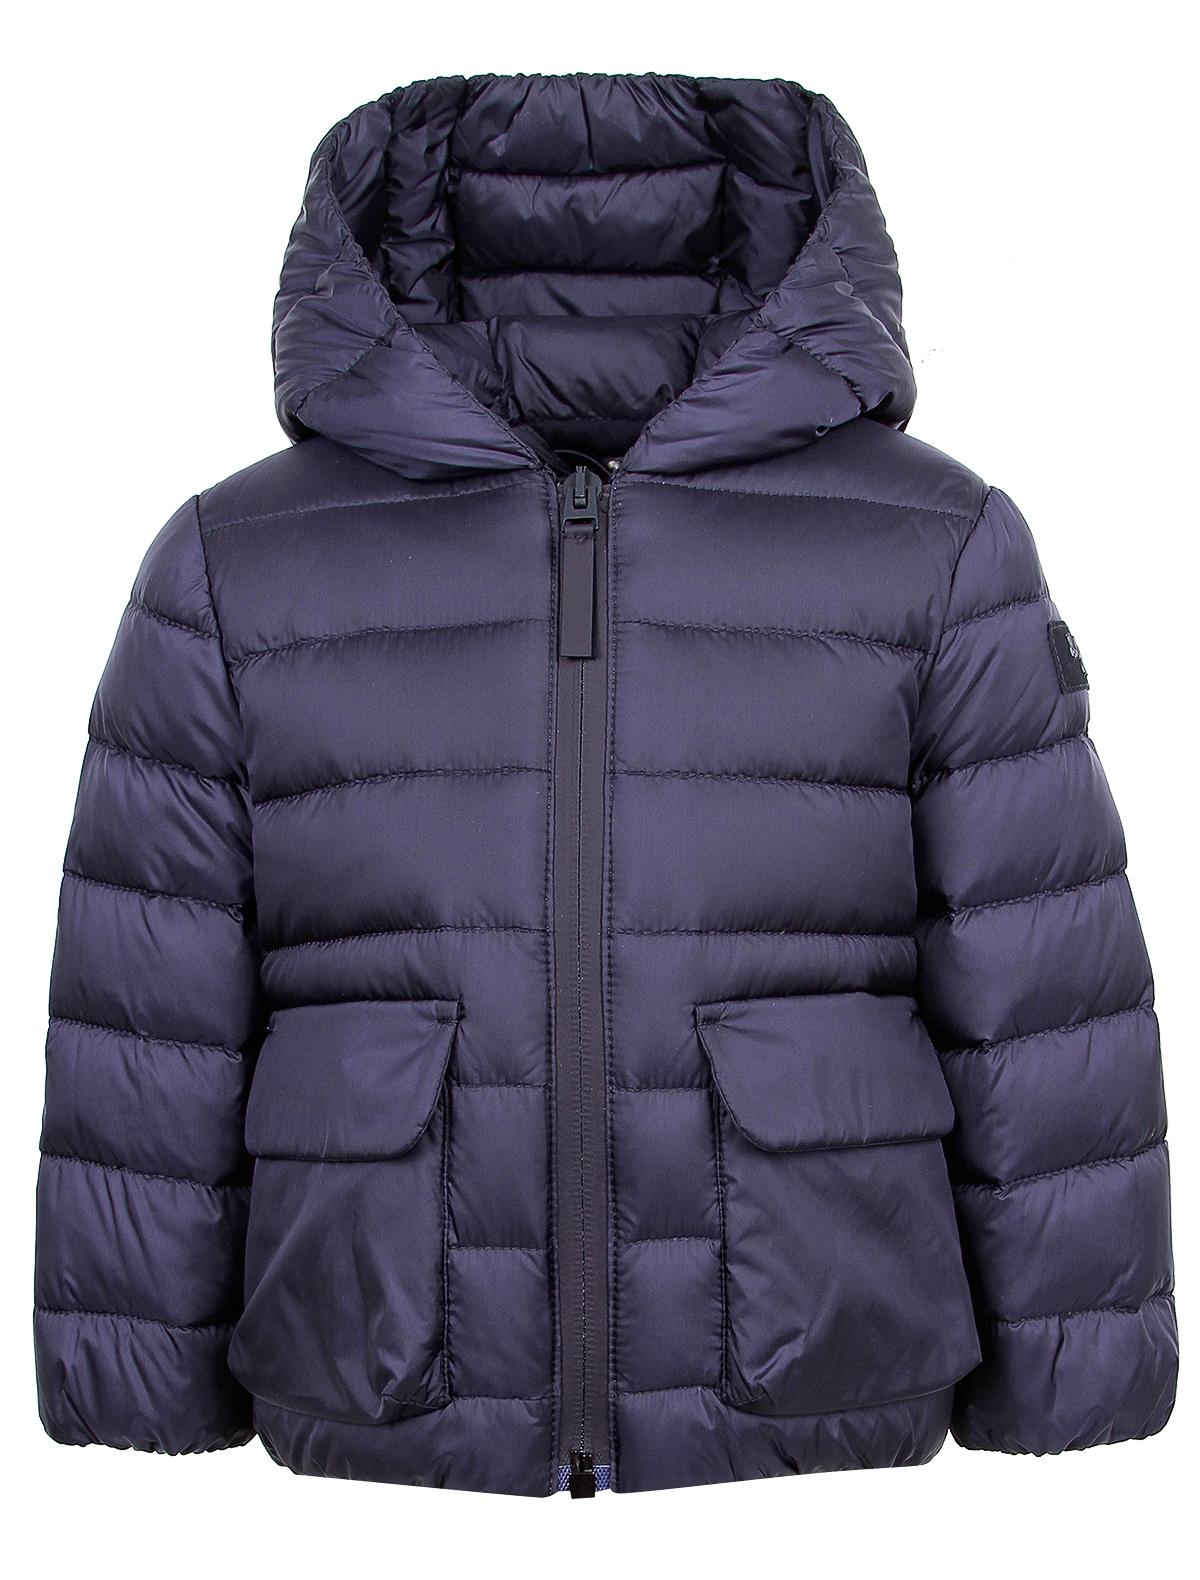 Купить 2171292, Куртка Il Gufo, синий, Мужской, 1074519071317